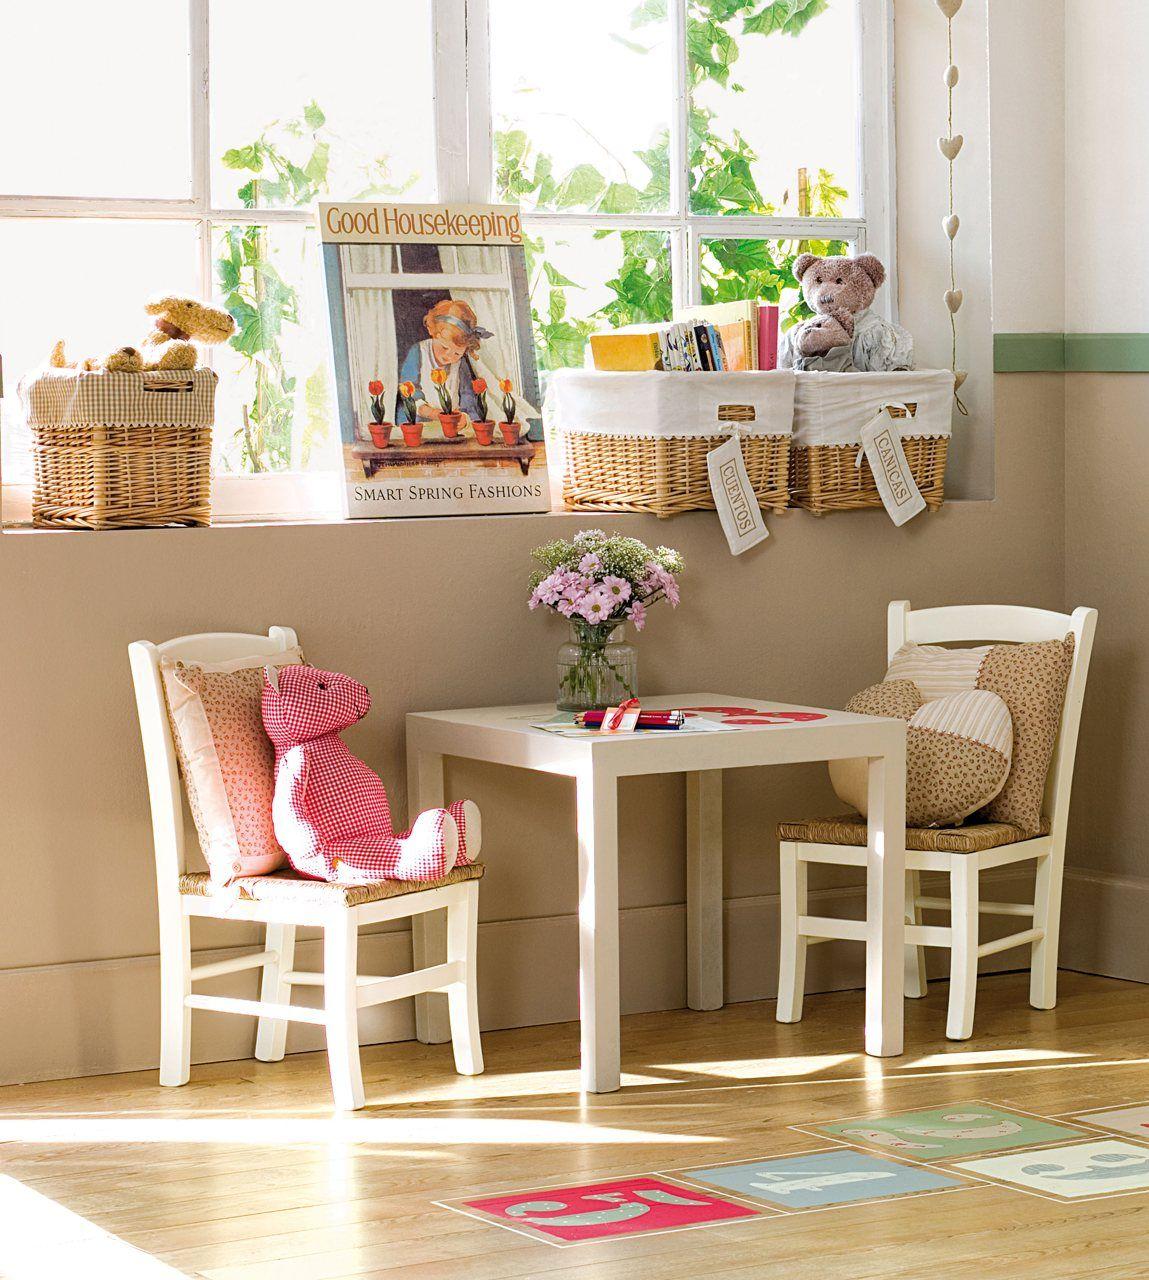 Organiza la habitaci n de los peques kids room ideas - Organizar habitacion ninos ...